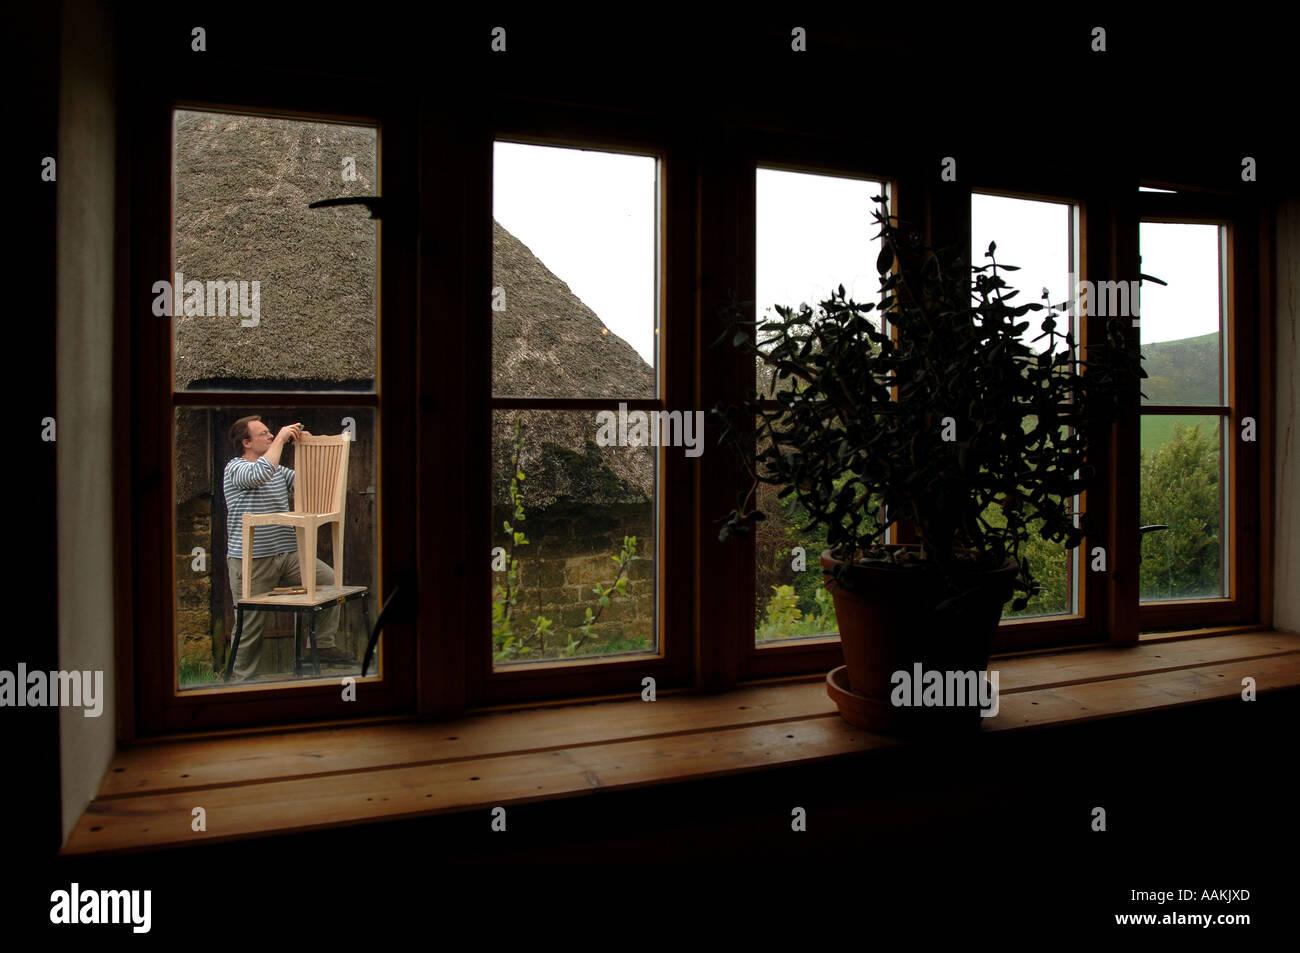 James Verner A Bespoke Furniture Maker At Home In North Chideock Dorset    Stock Image